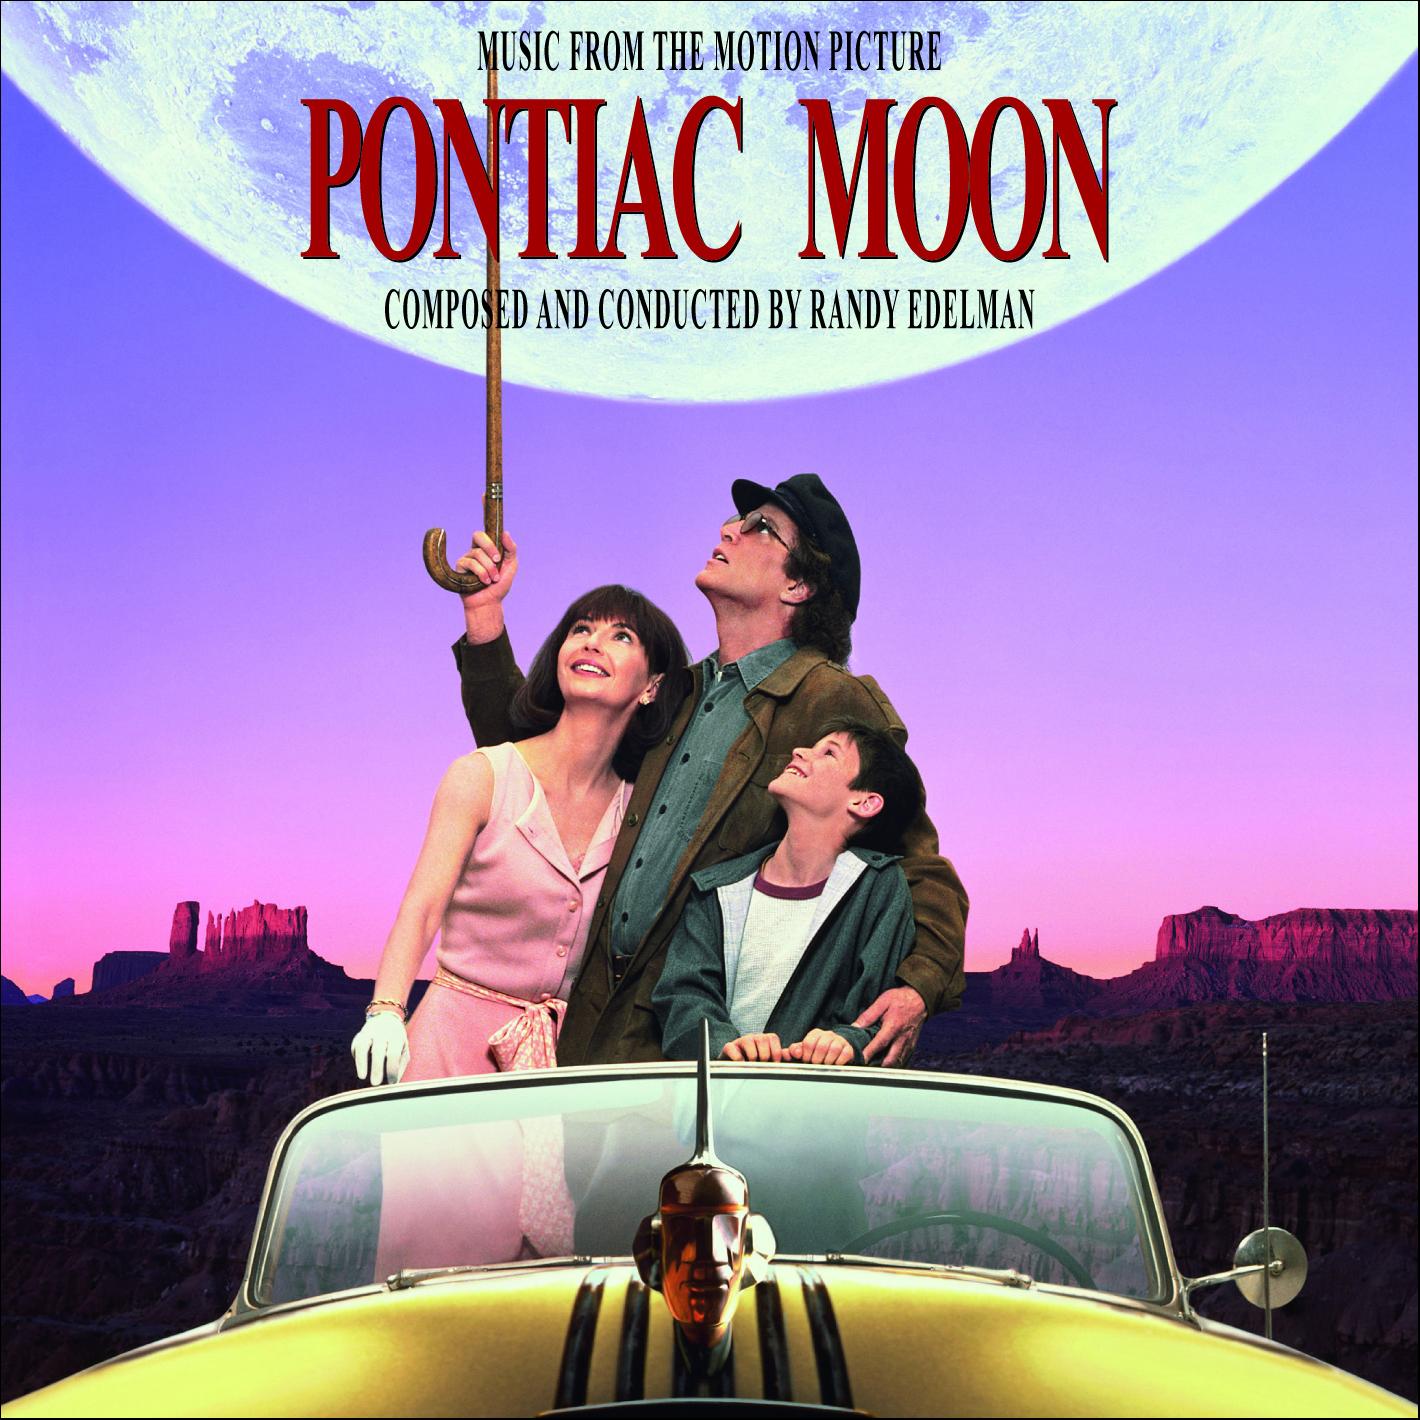 Pontiac Moon, Detalles del álbum